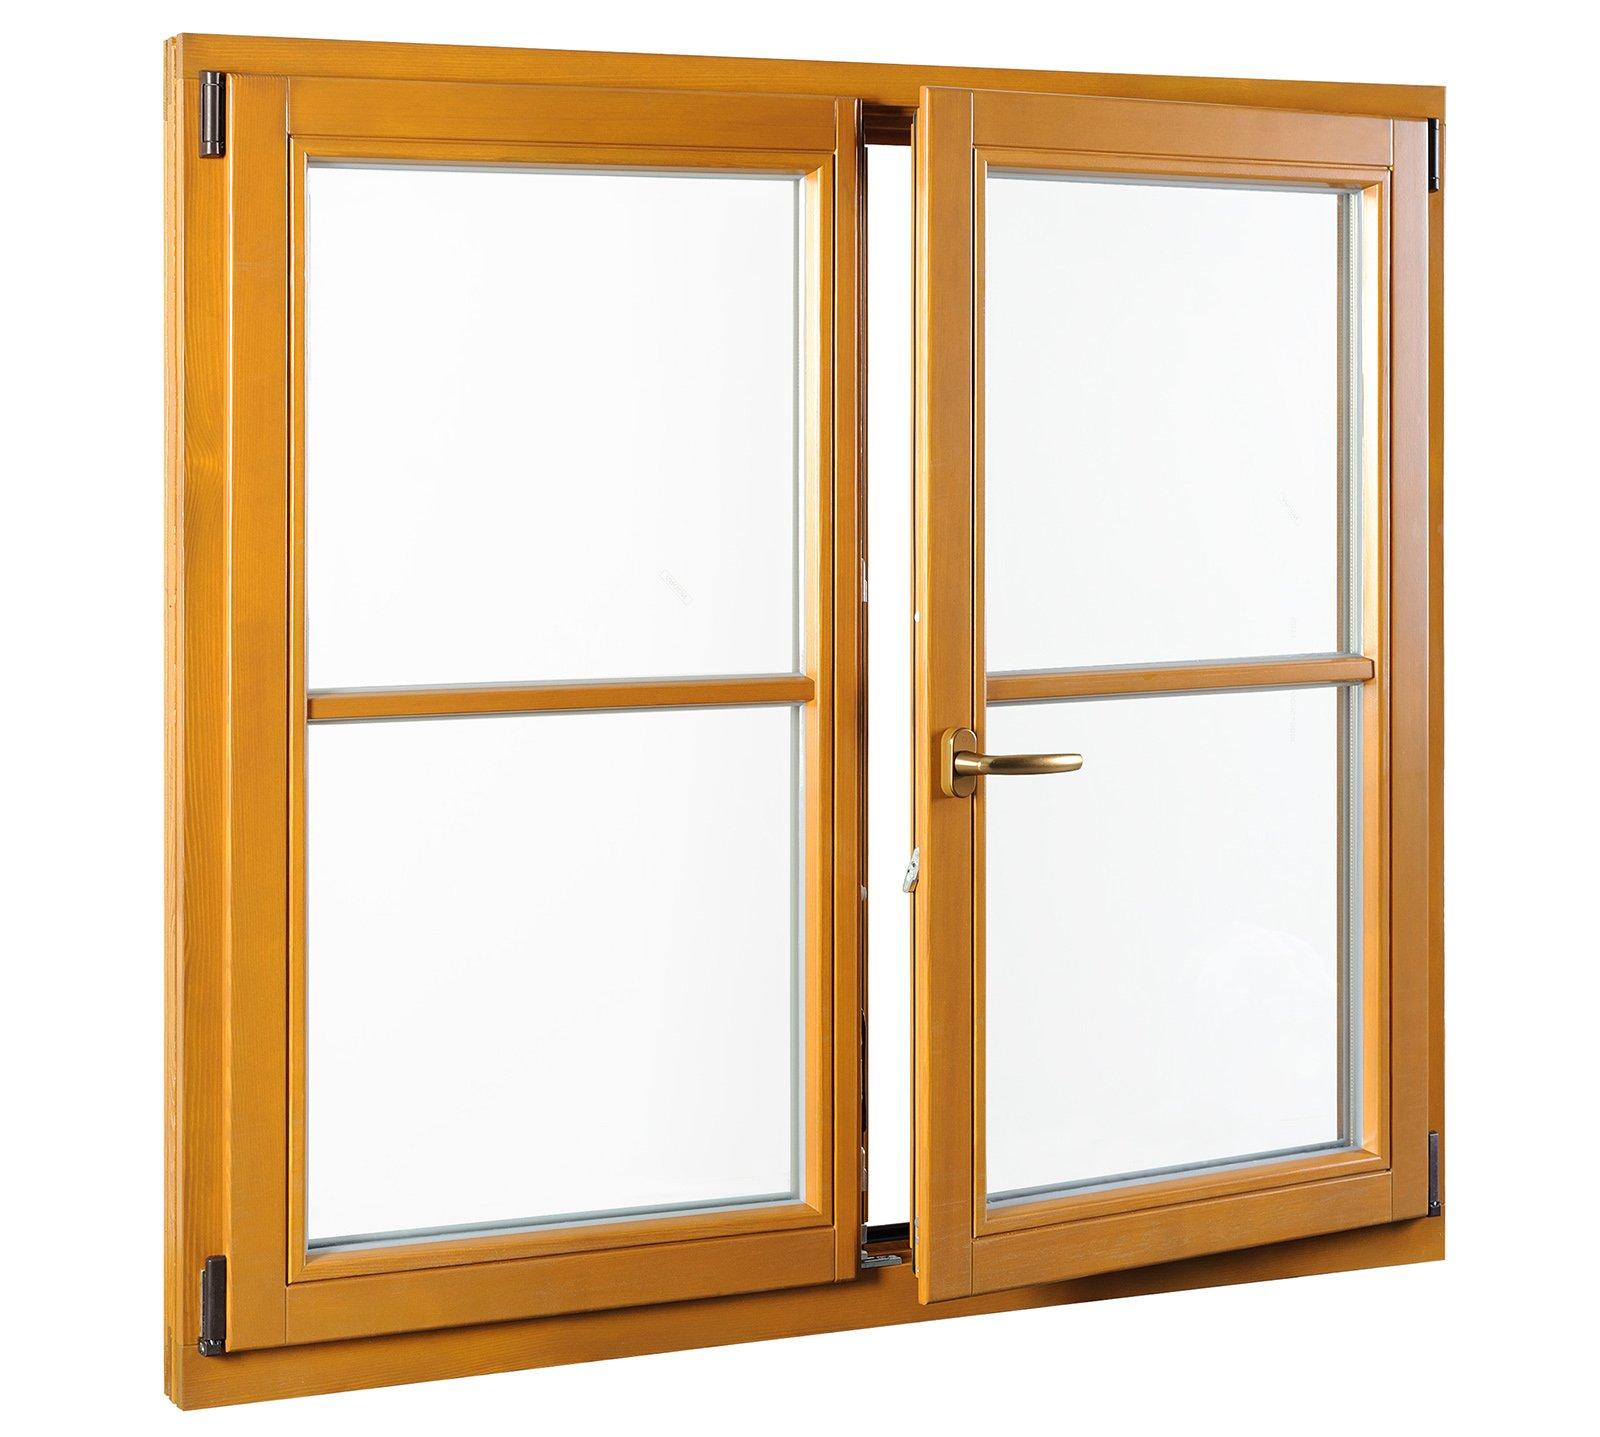 Finestre in legno una qualit evergreen cose di casa for Finestre di legno